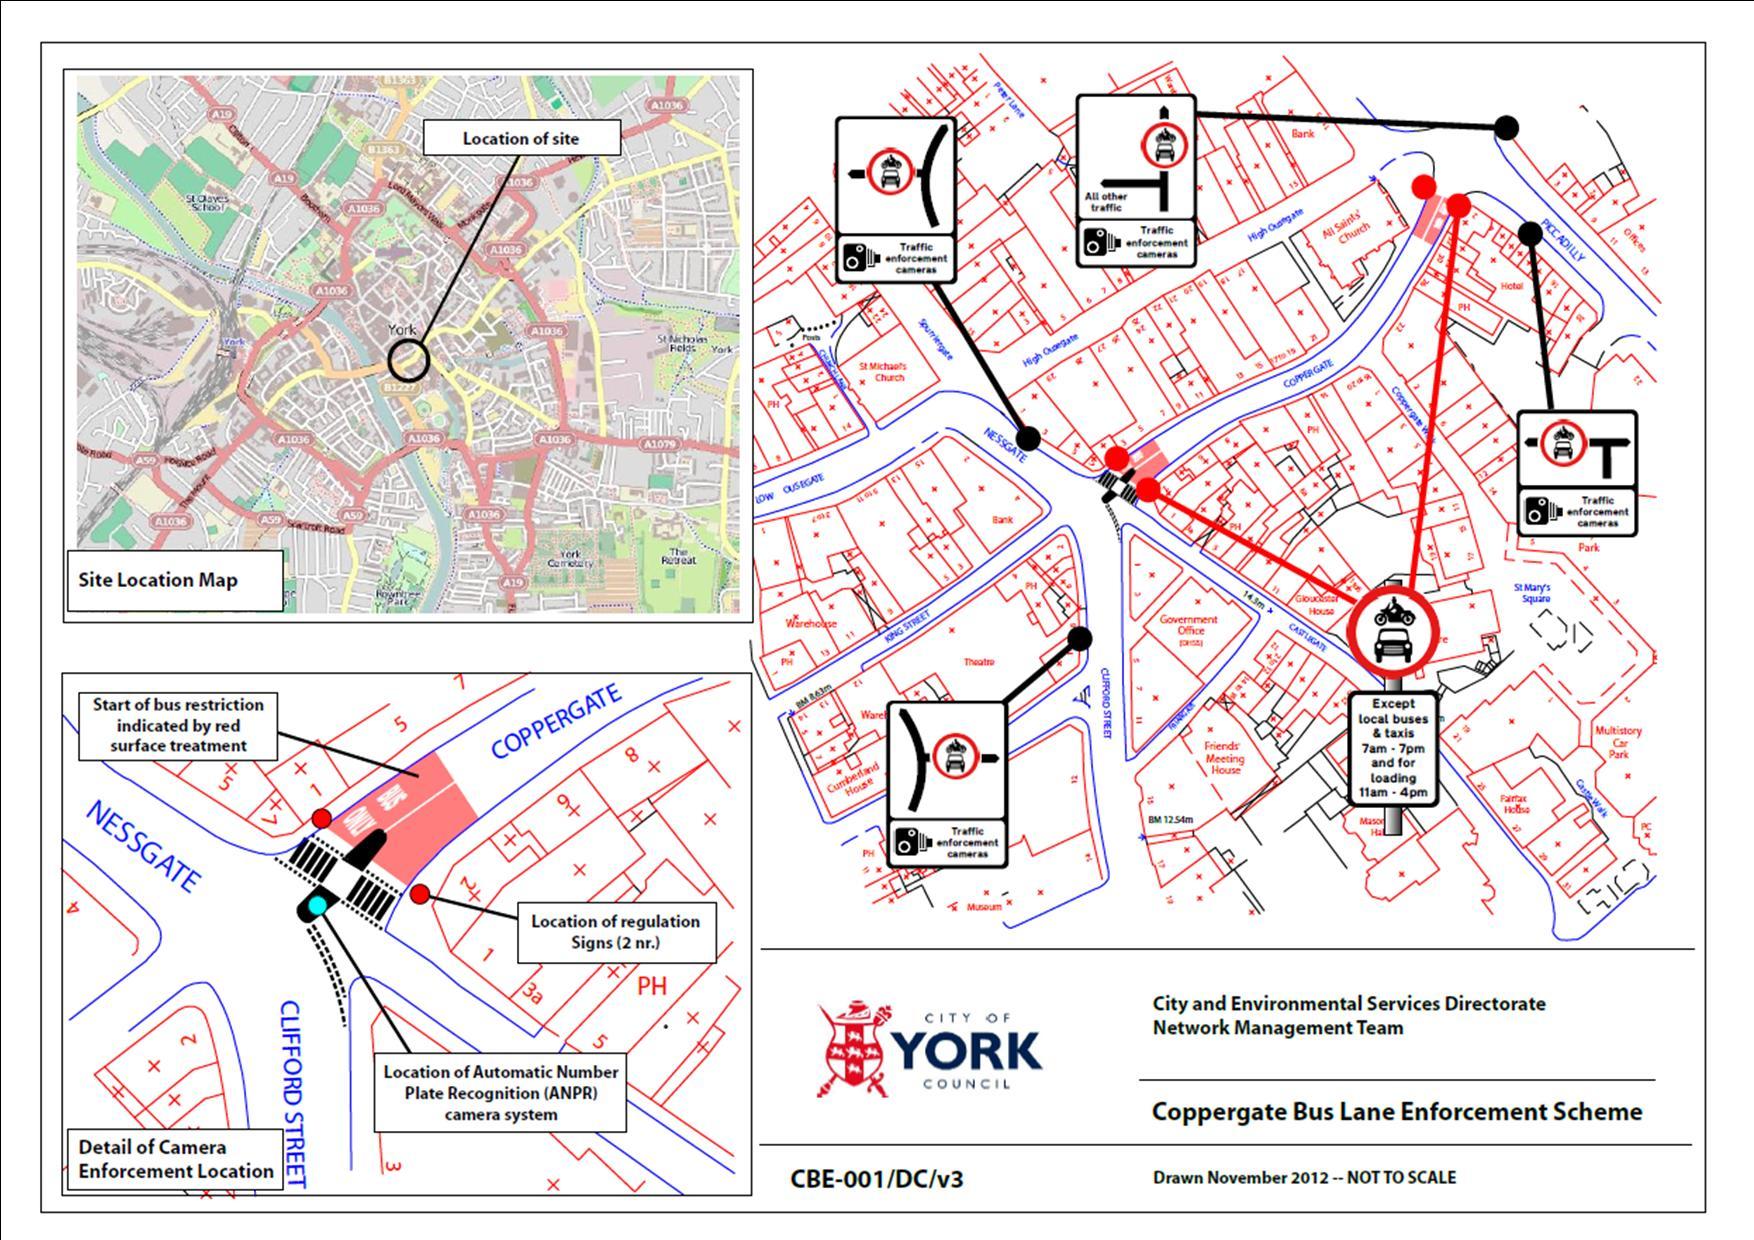 Coppergate bus lane enforcement plans  June 2013